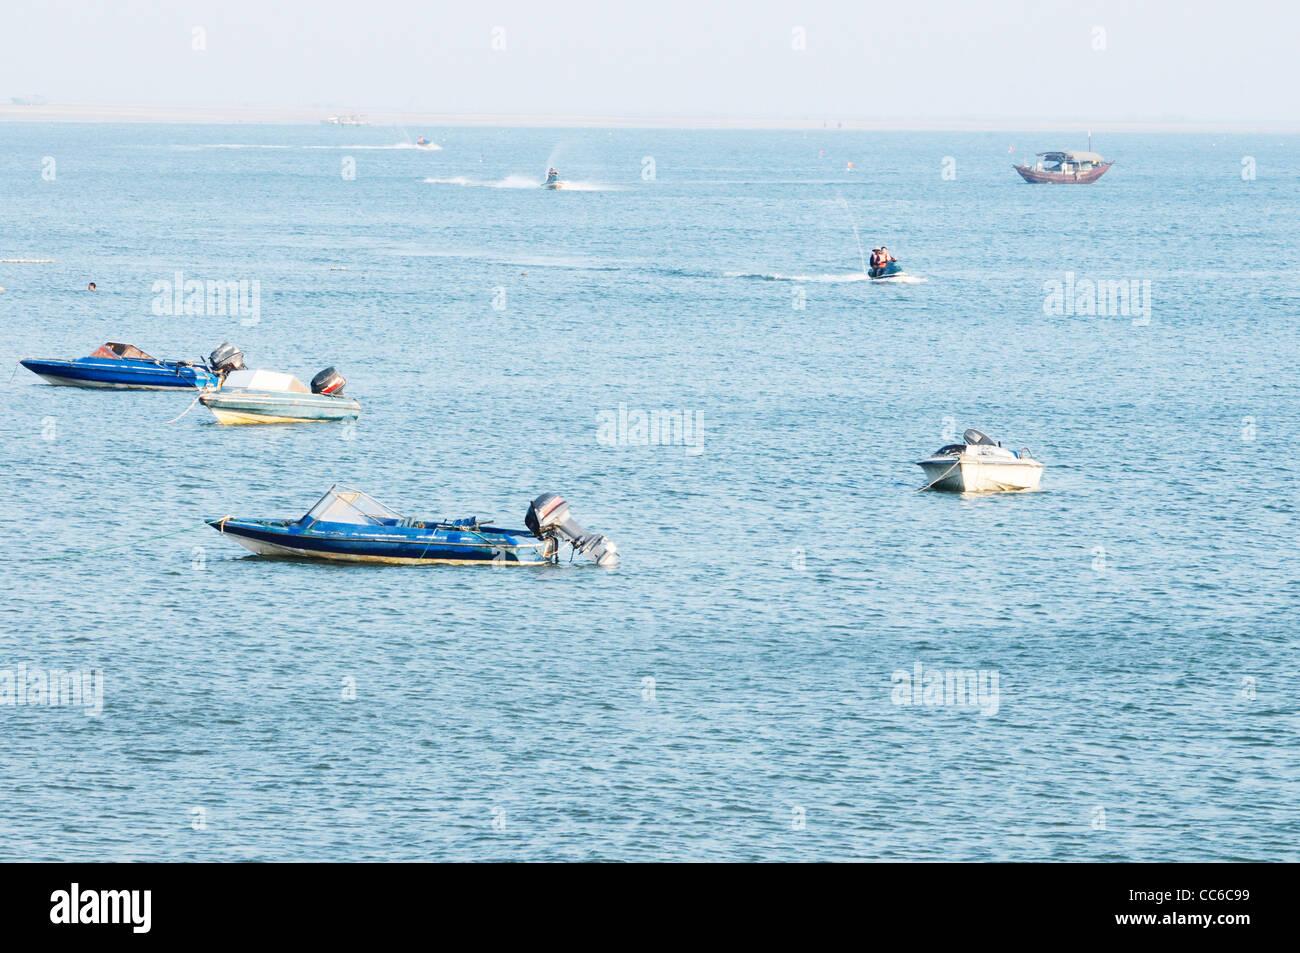 Yachts on the South China Sea, Beihai, Guangxi , China Stock Photo